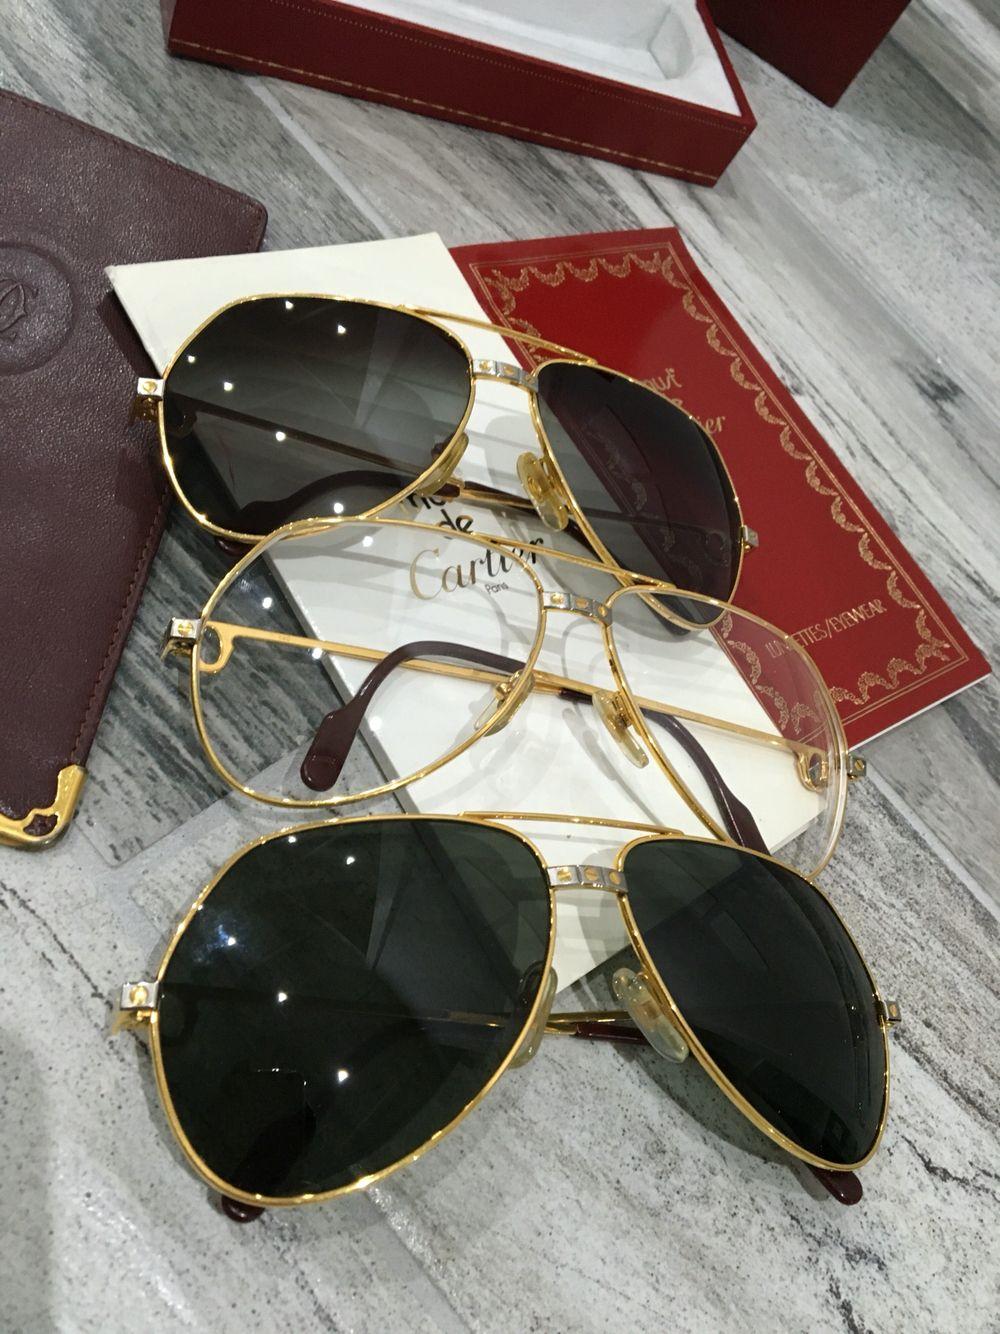 18a4c91900 Glasses · Frame · Must de Cartier Santos Vendome occhiali taglie 59-14 e  62 14 corredo completo